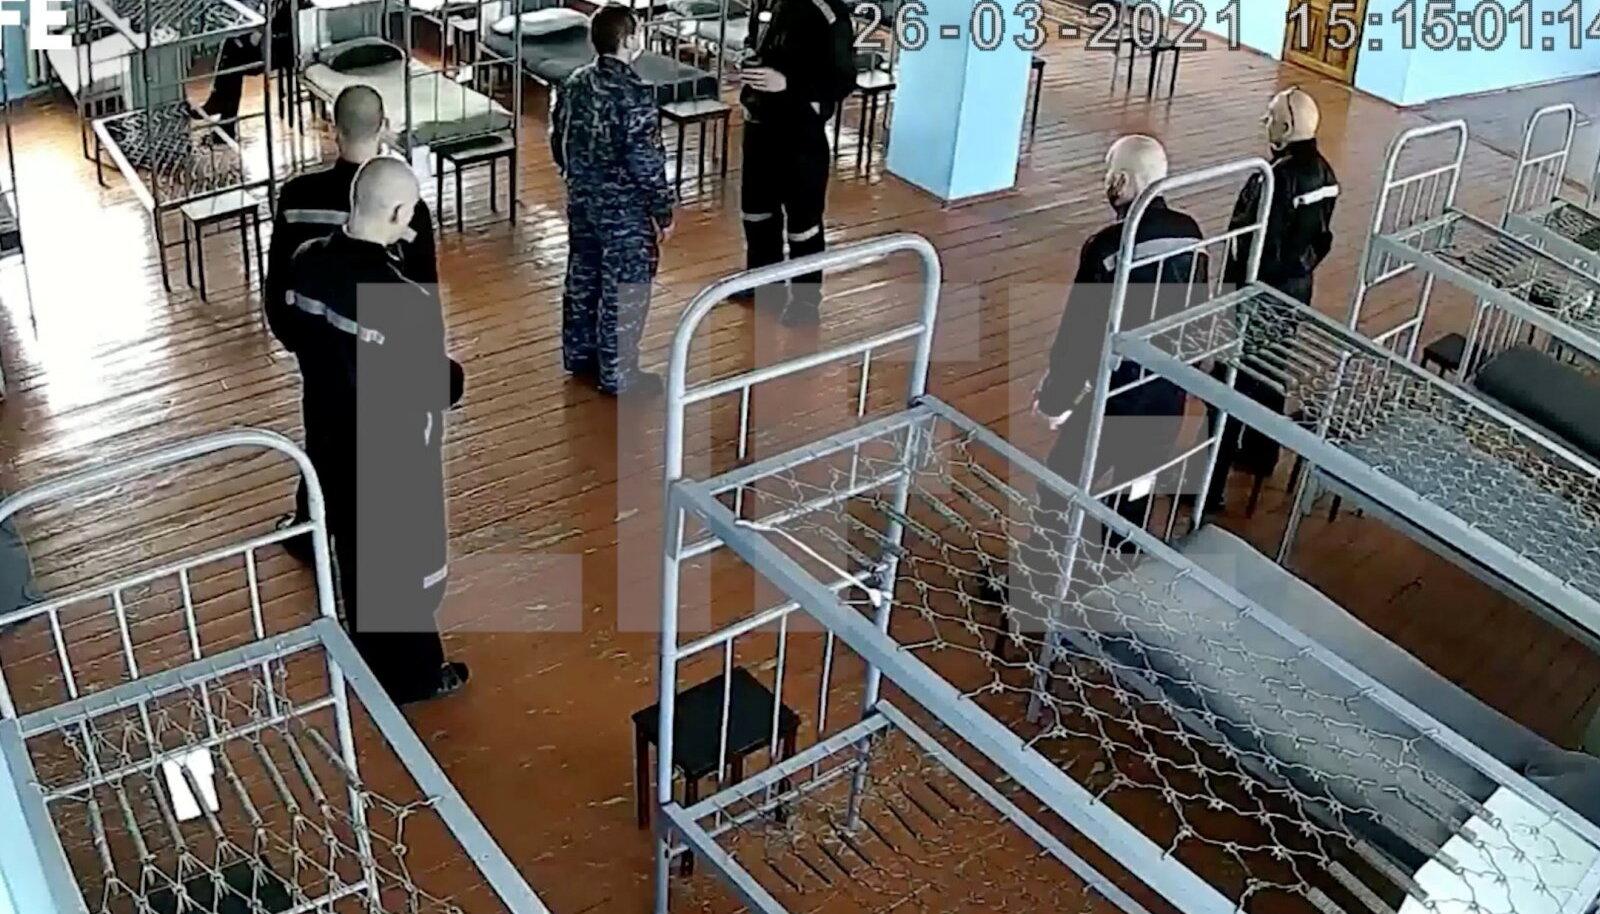 Vanglas tehtud videokaadril on väidetavalt Aleksei Navalnõi (keskel) Pokrovi koloonias.